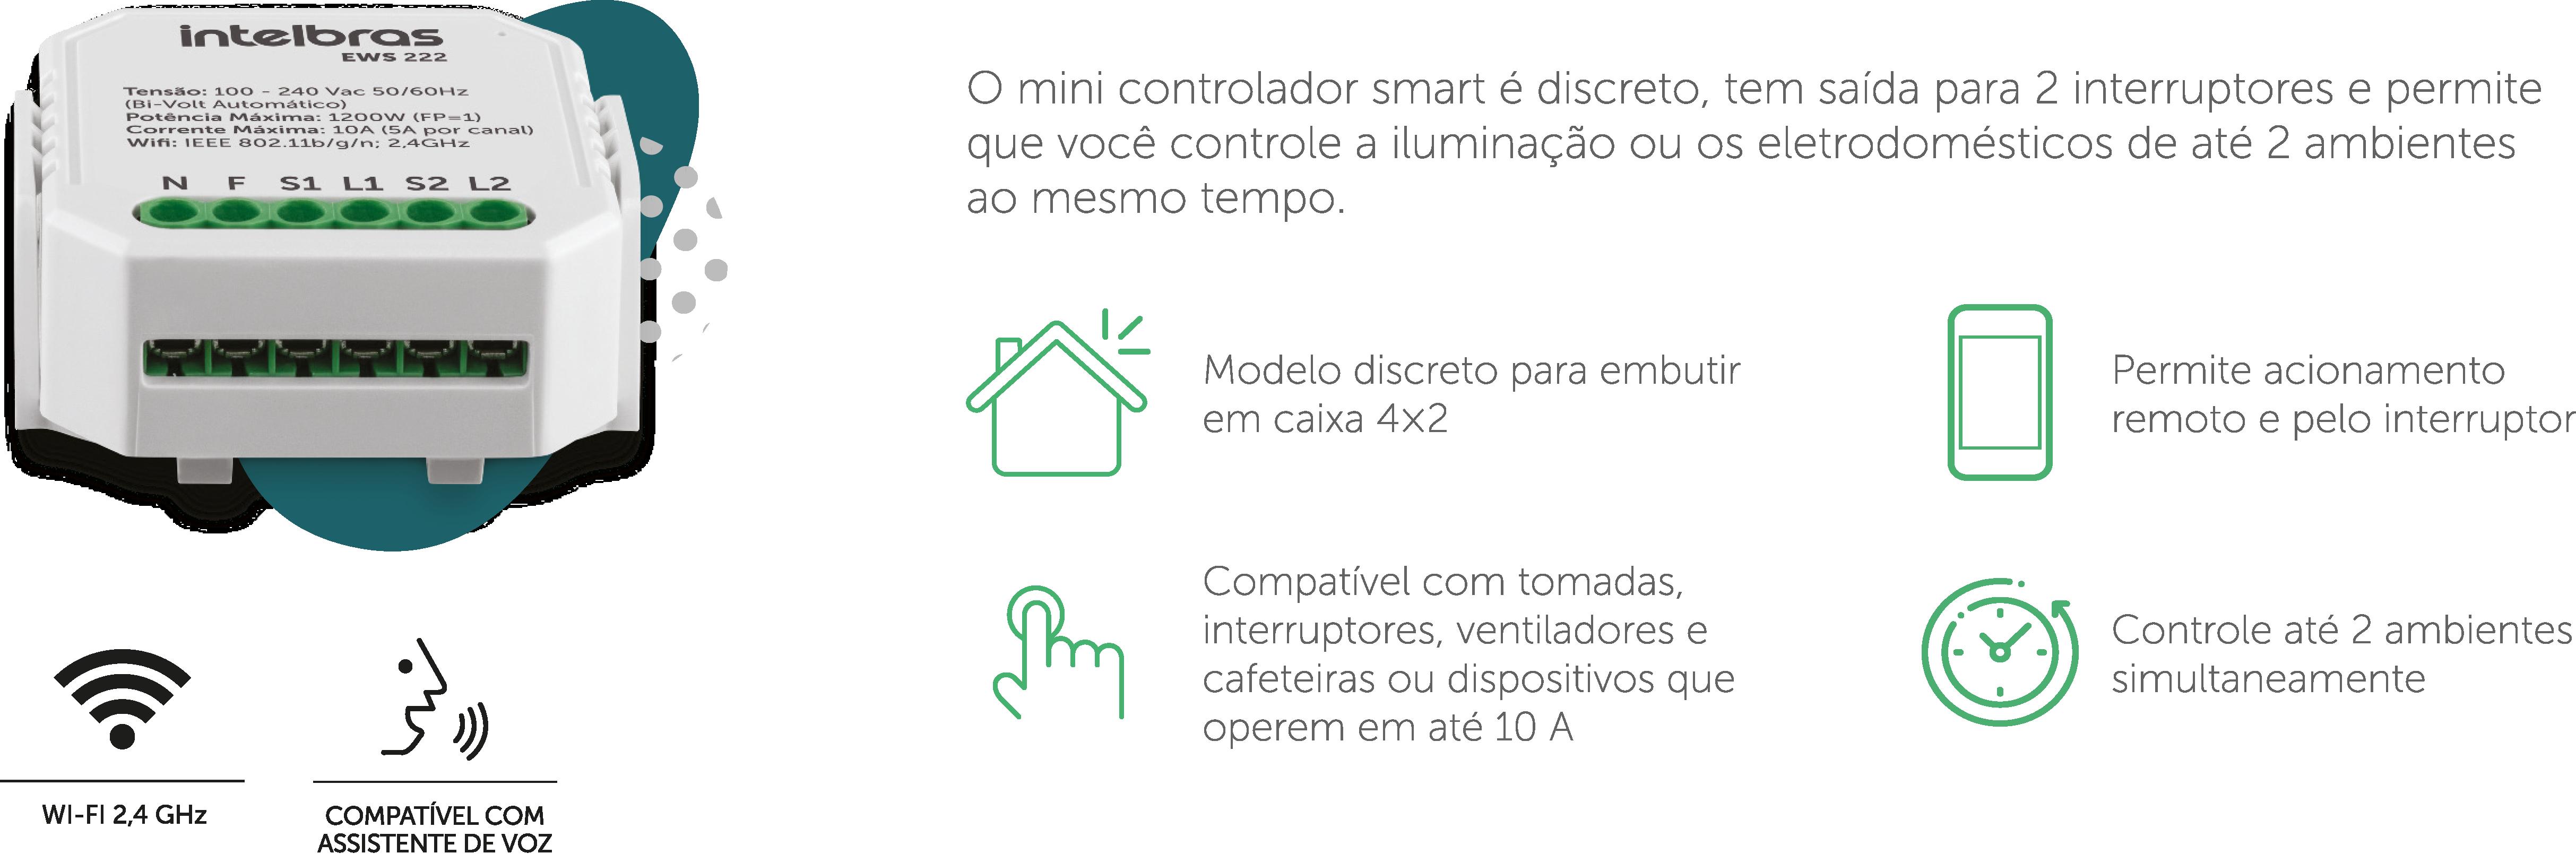 mini-controlador-smart-wifi-com-saida-para-dois-interruptores-ews-222